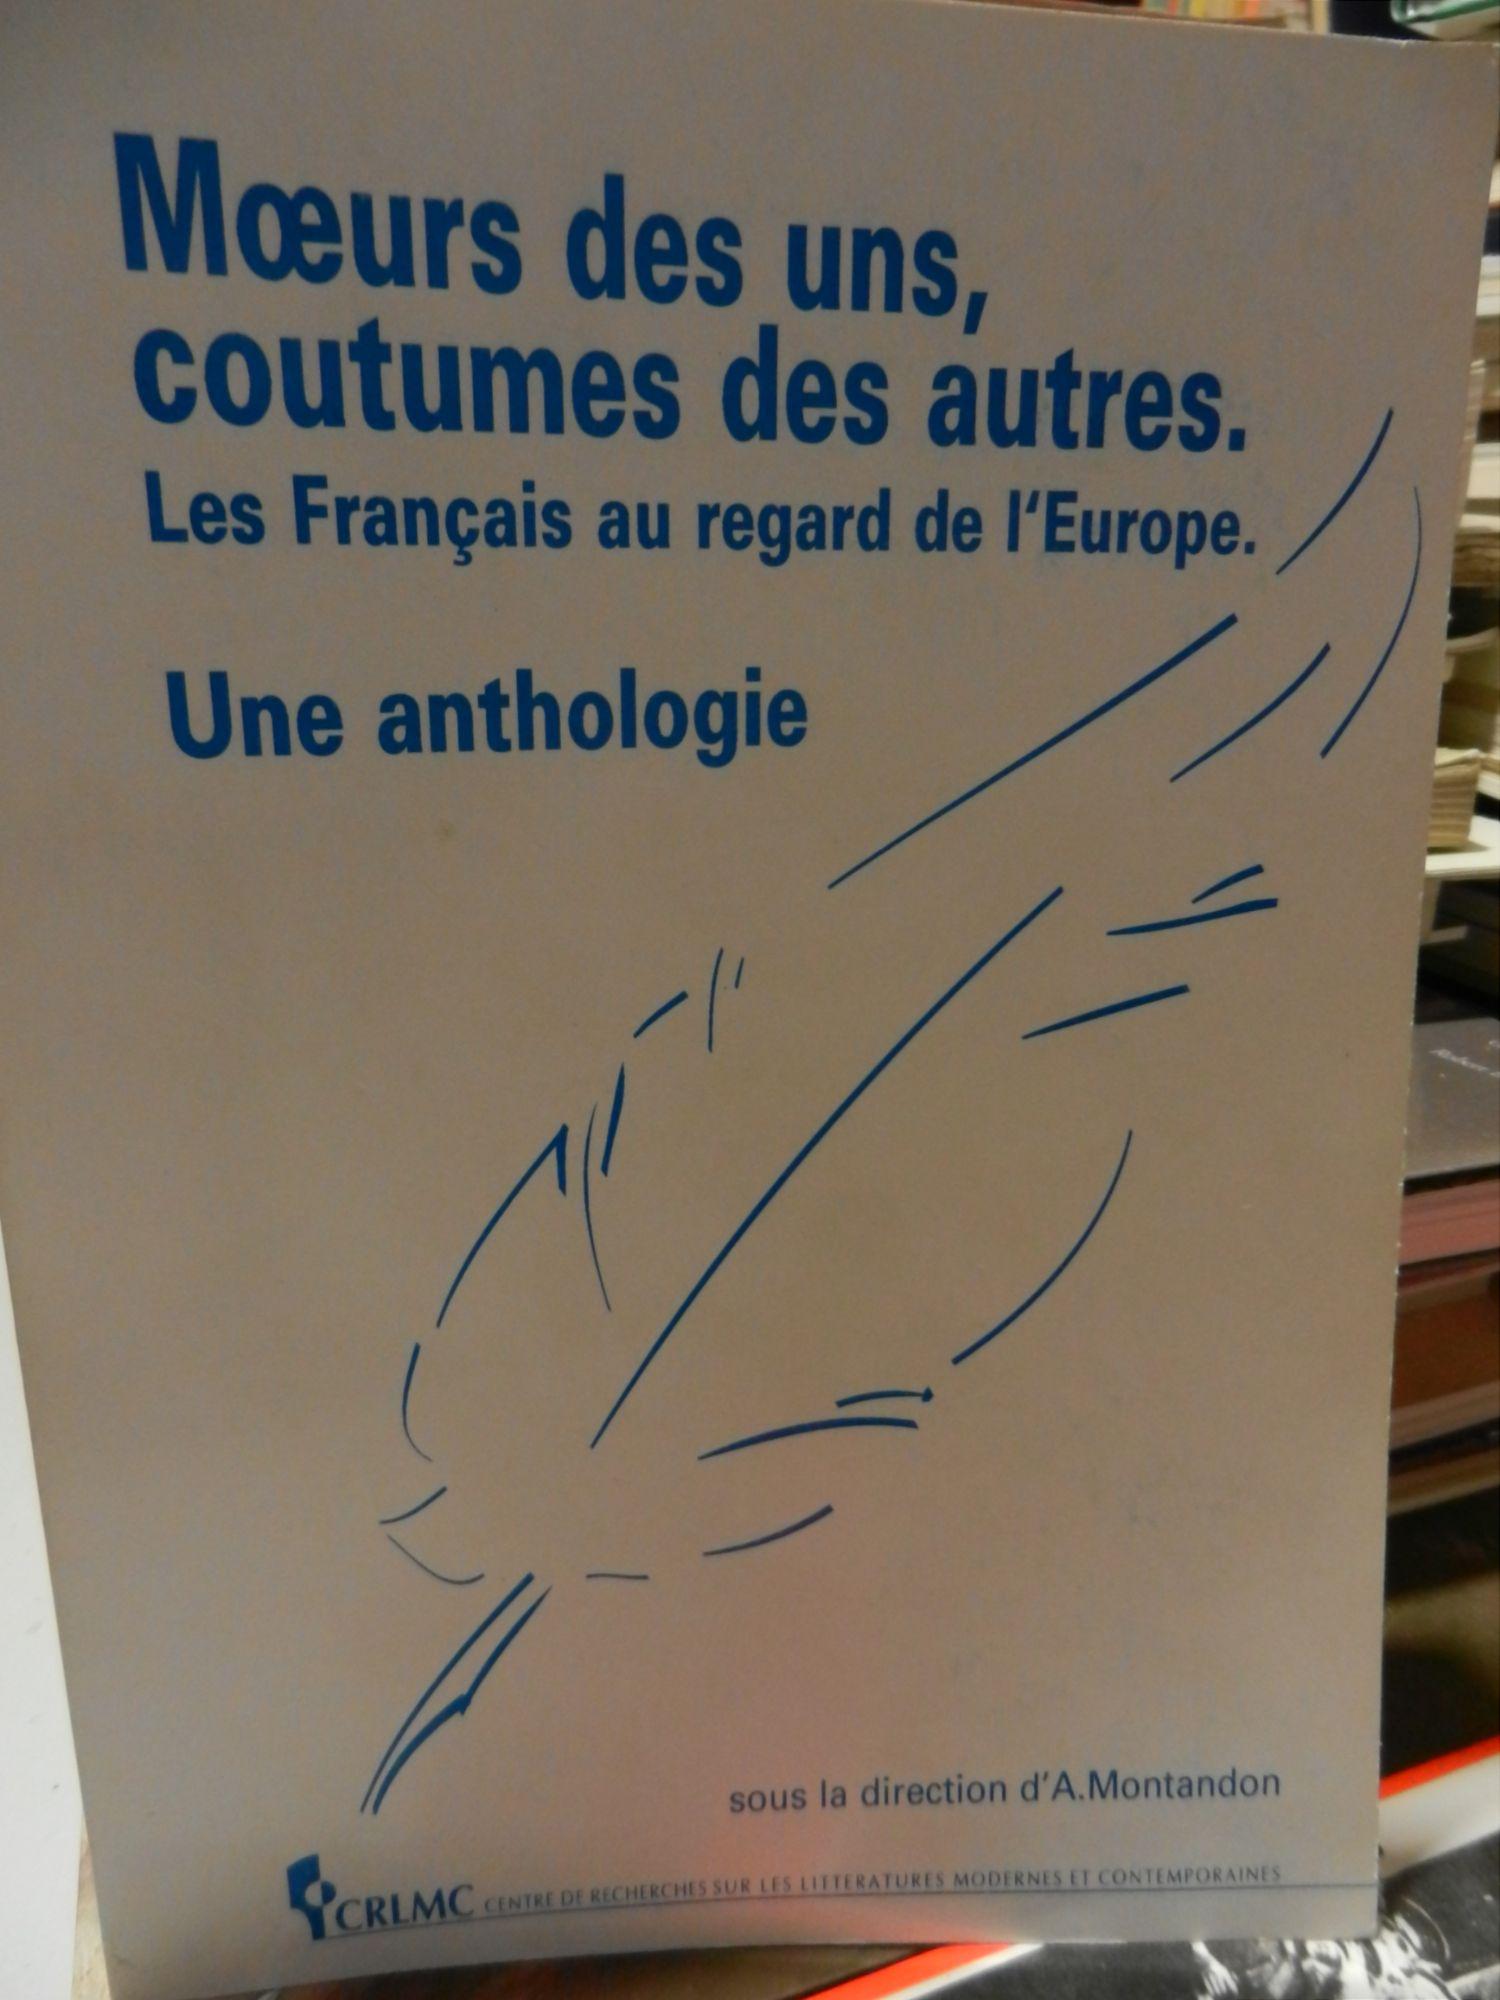 Moeurs des uns, coutumes des autres. Les français au regard de l'Europe, une anthologie